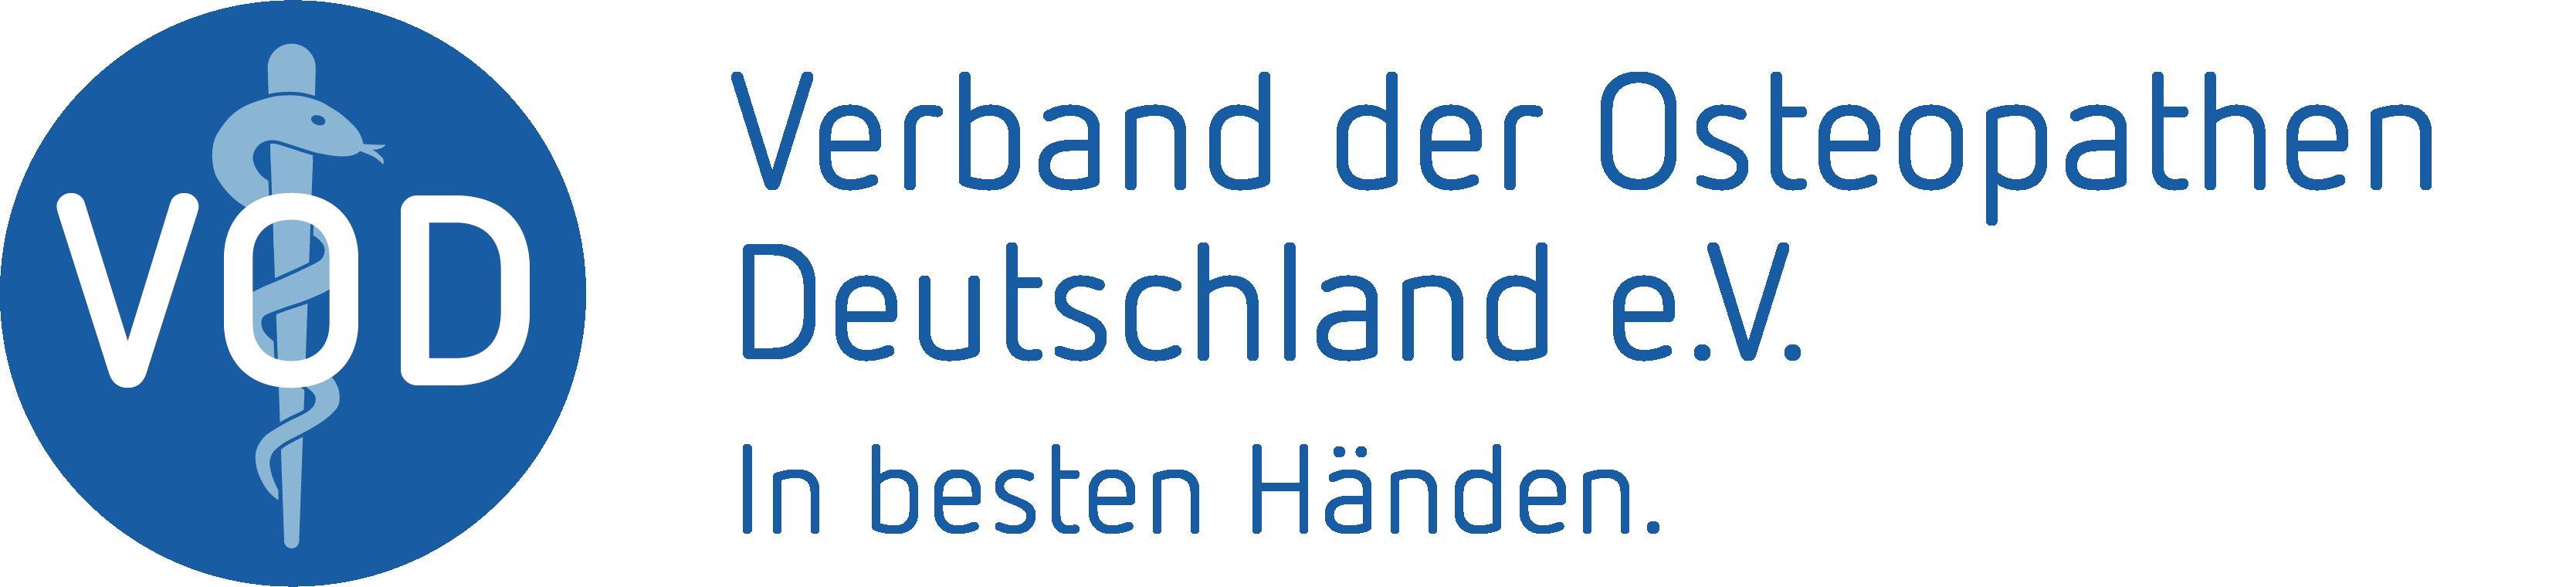 Logo Verband der Osteopathen Deutschland e.V. (VOD e.V.)